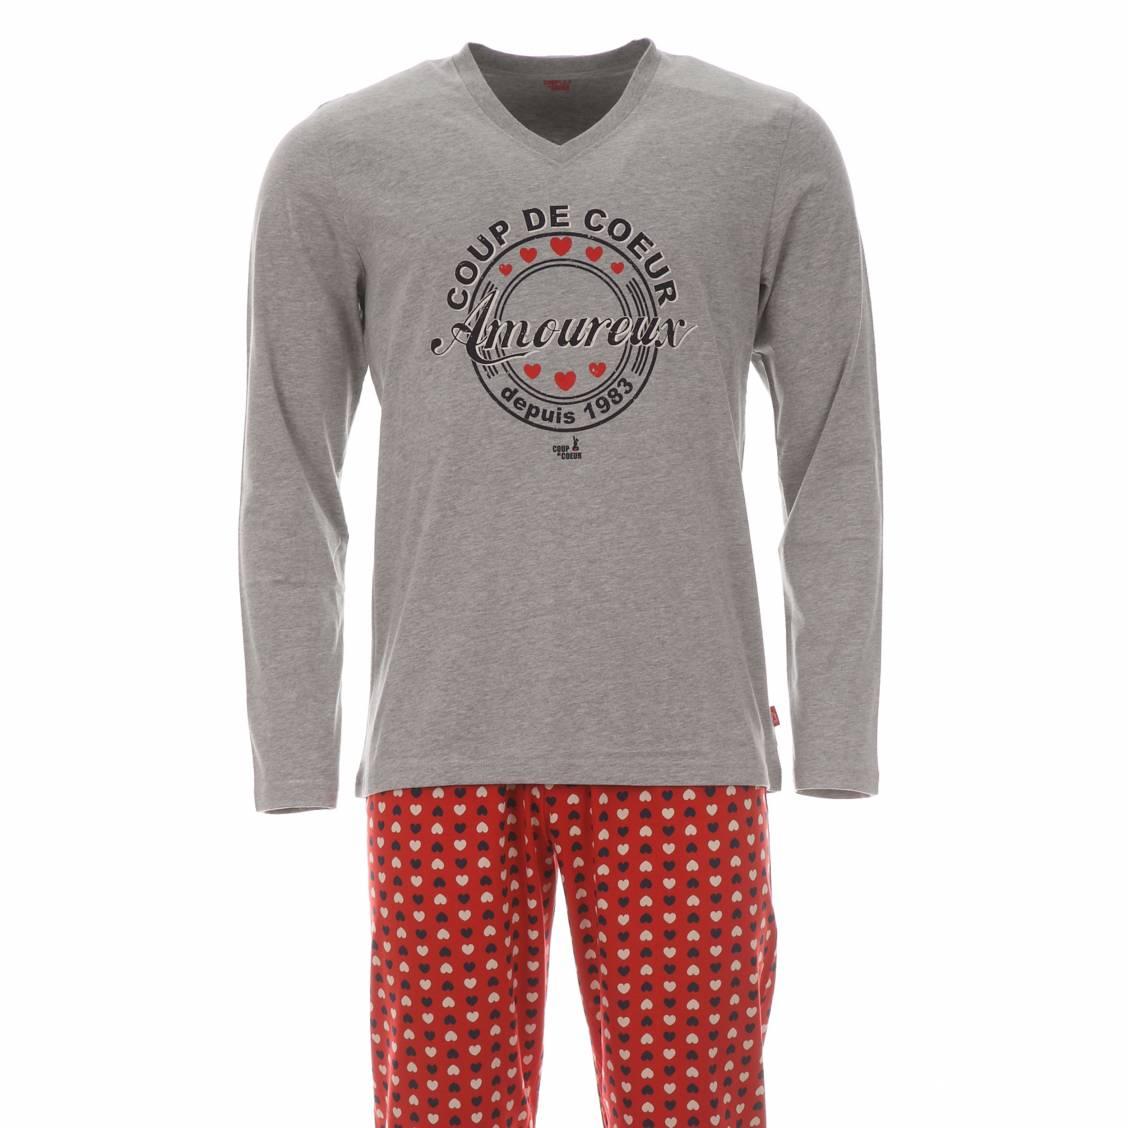 Pyjama chaud vente en ligne de pyjamas d 39 hiver homme rue des hommes - Pyjama homme marque coup de coeur ...